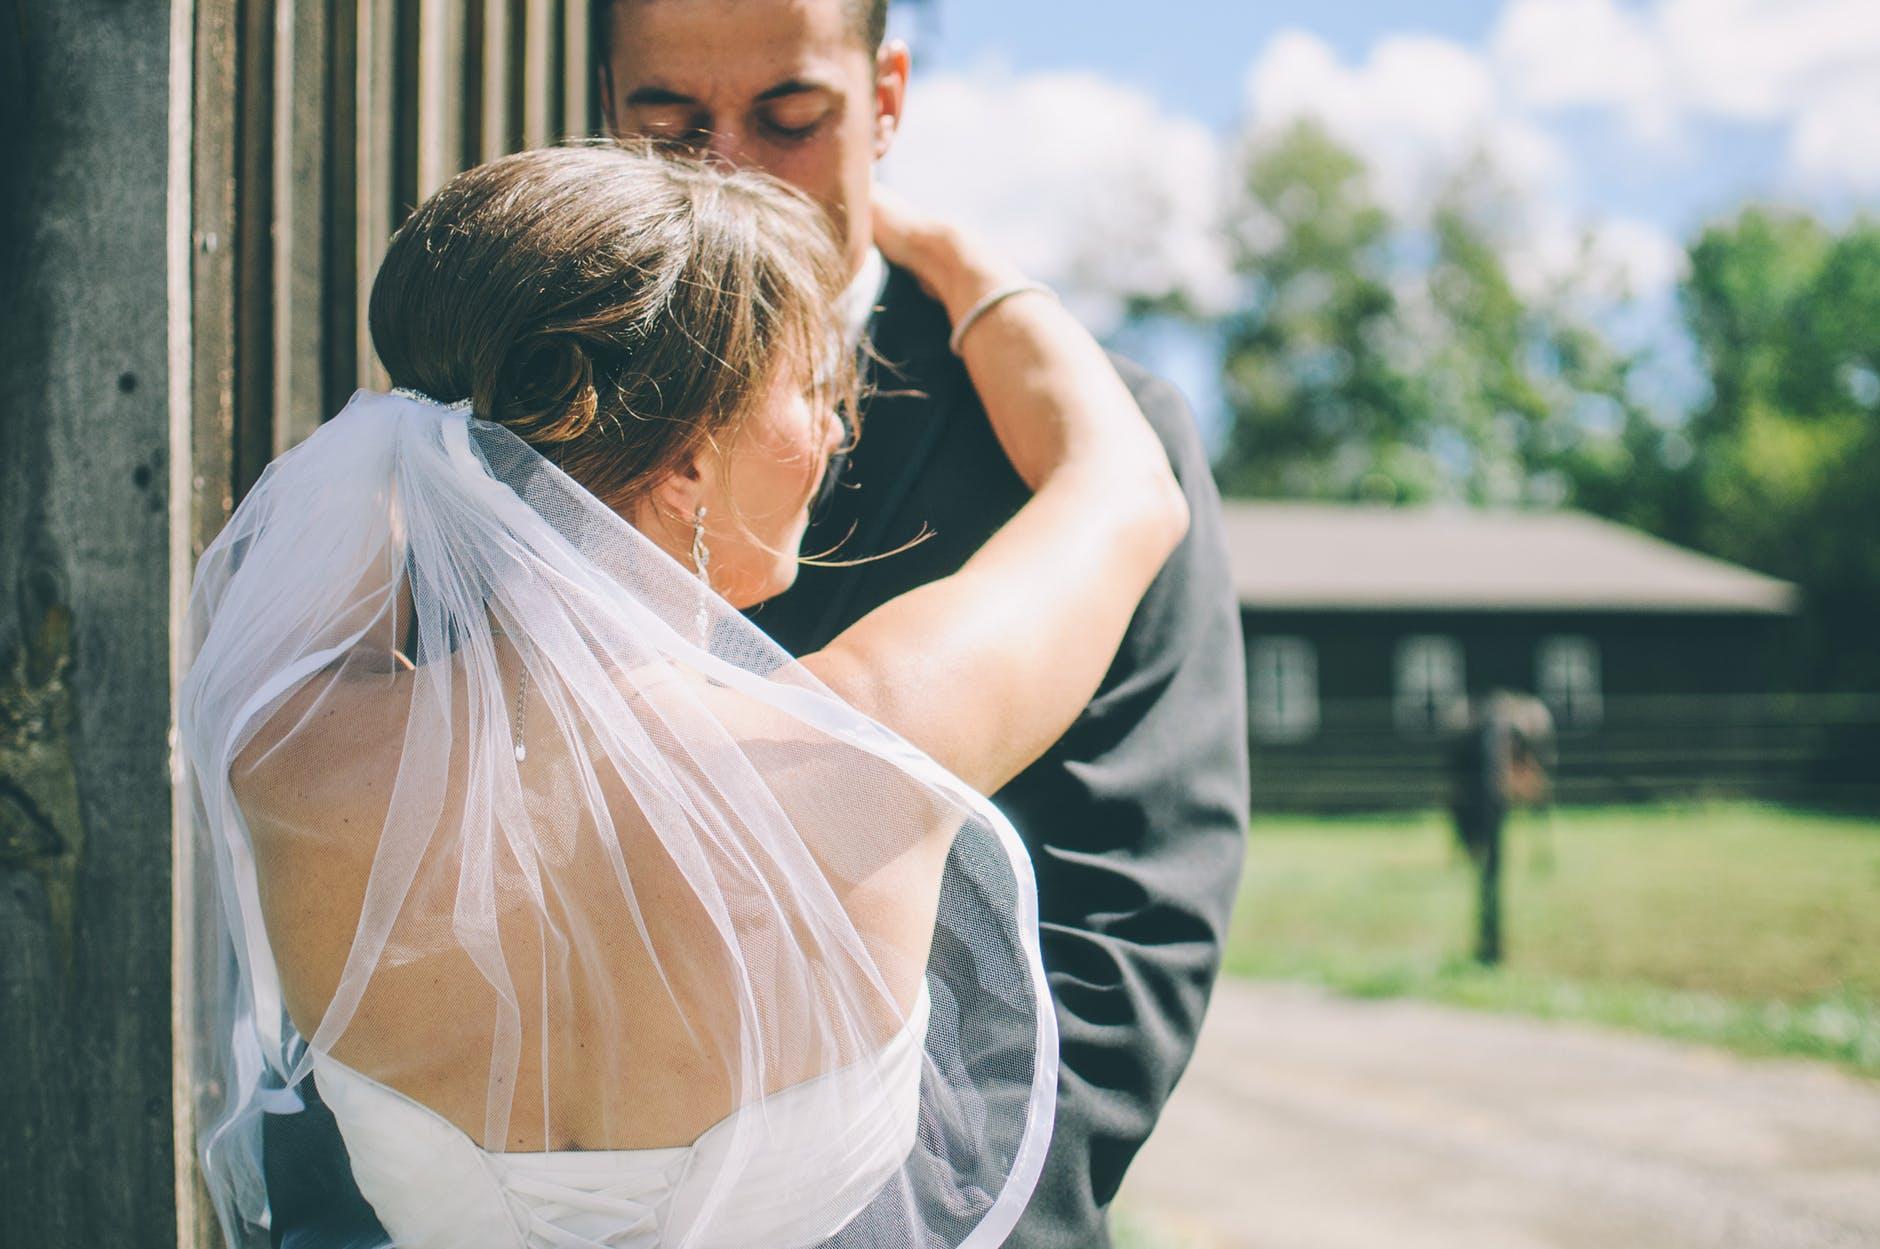 casarse con una chica belga